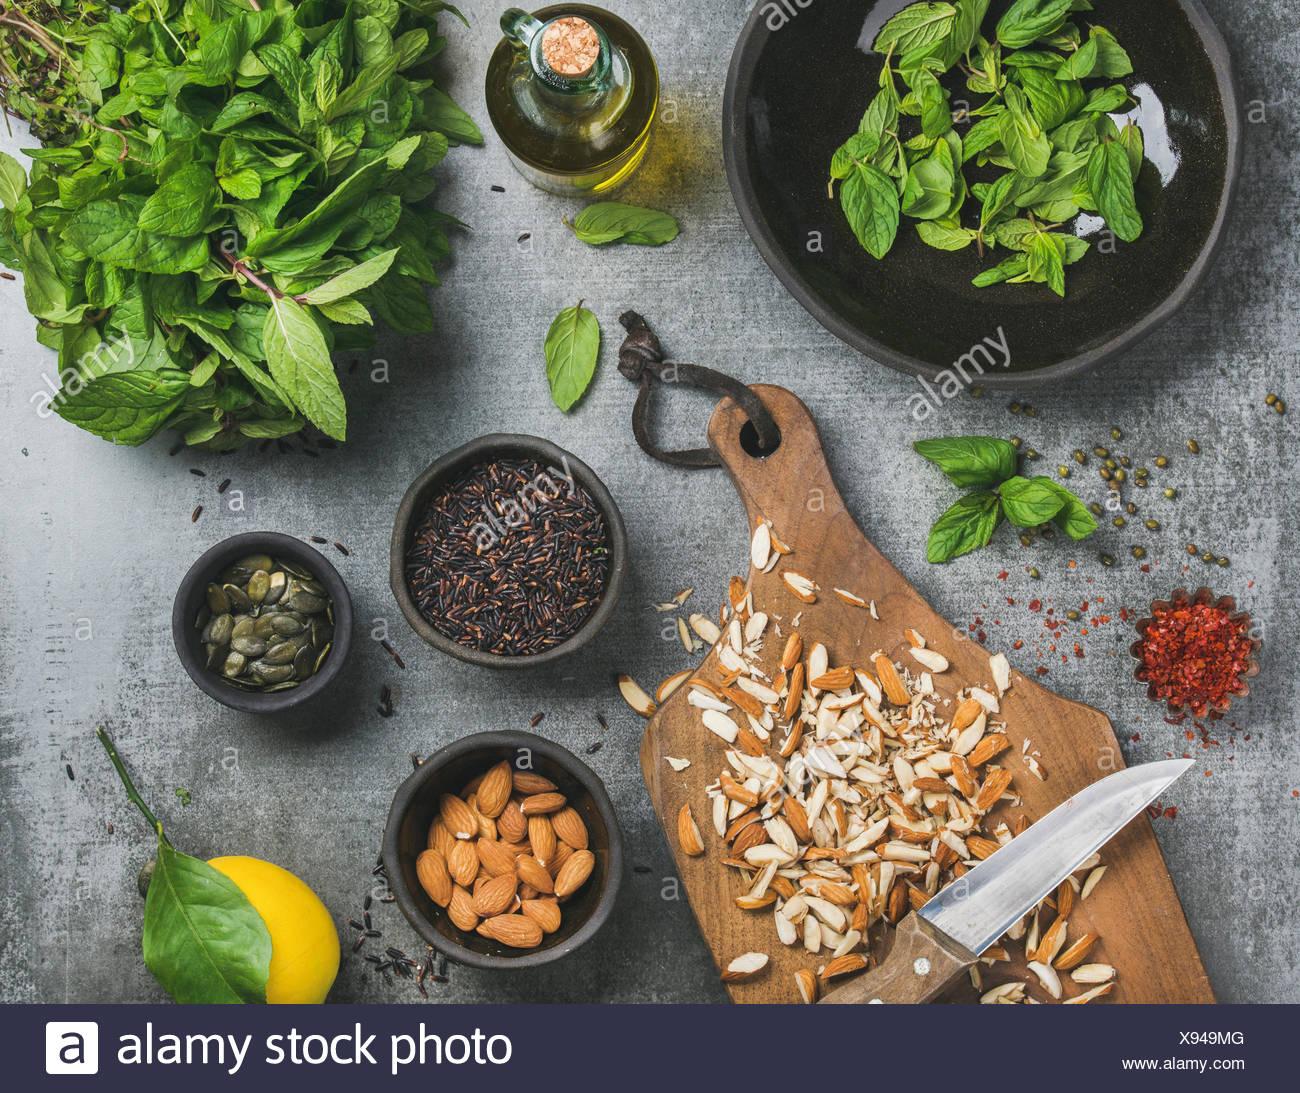 Saludable, vegetariano o vegano comer limpio ingredientes de cocina. Almendras picadas, menta fresca, aceite, arroz negro, semillas de calabaza, limón y especias sobre gray co Imagen De Stock